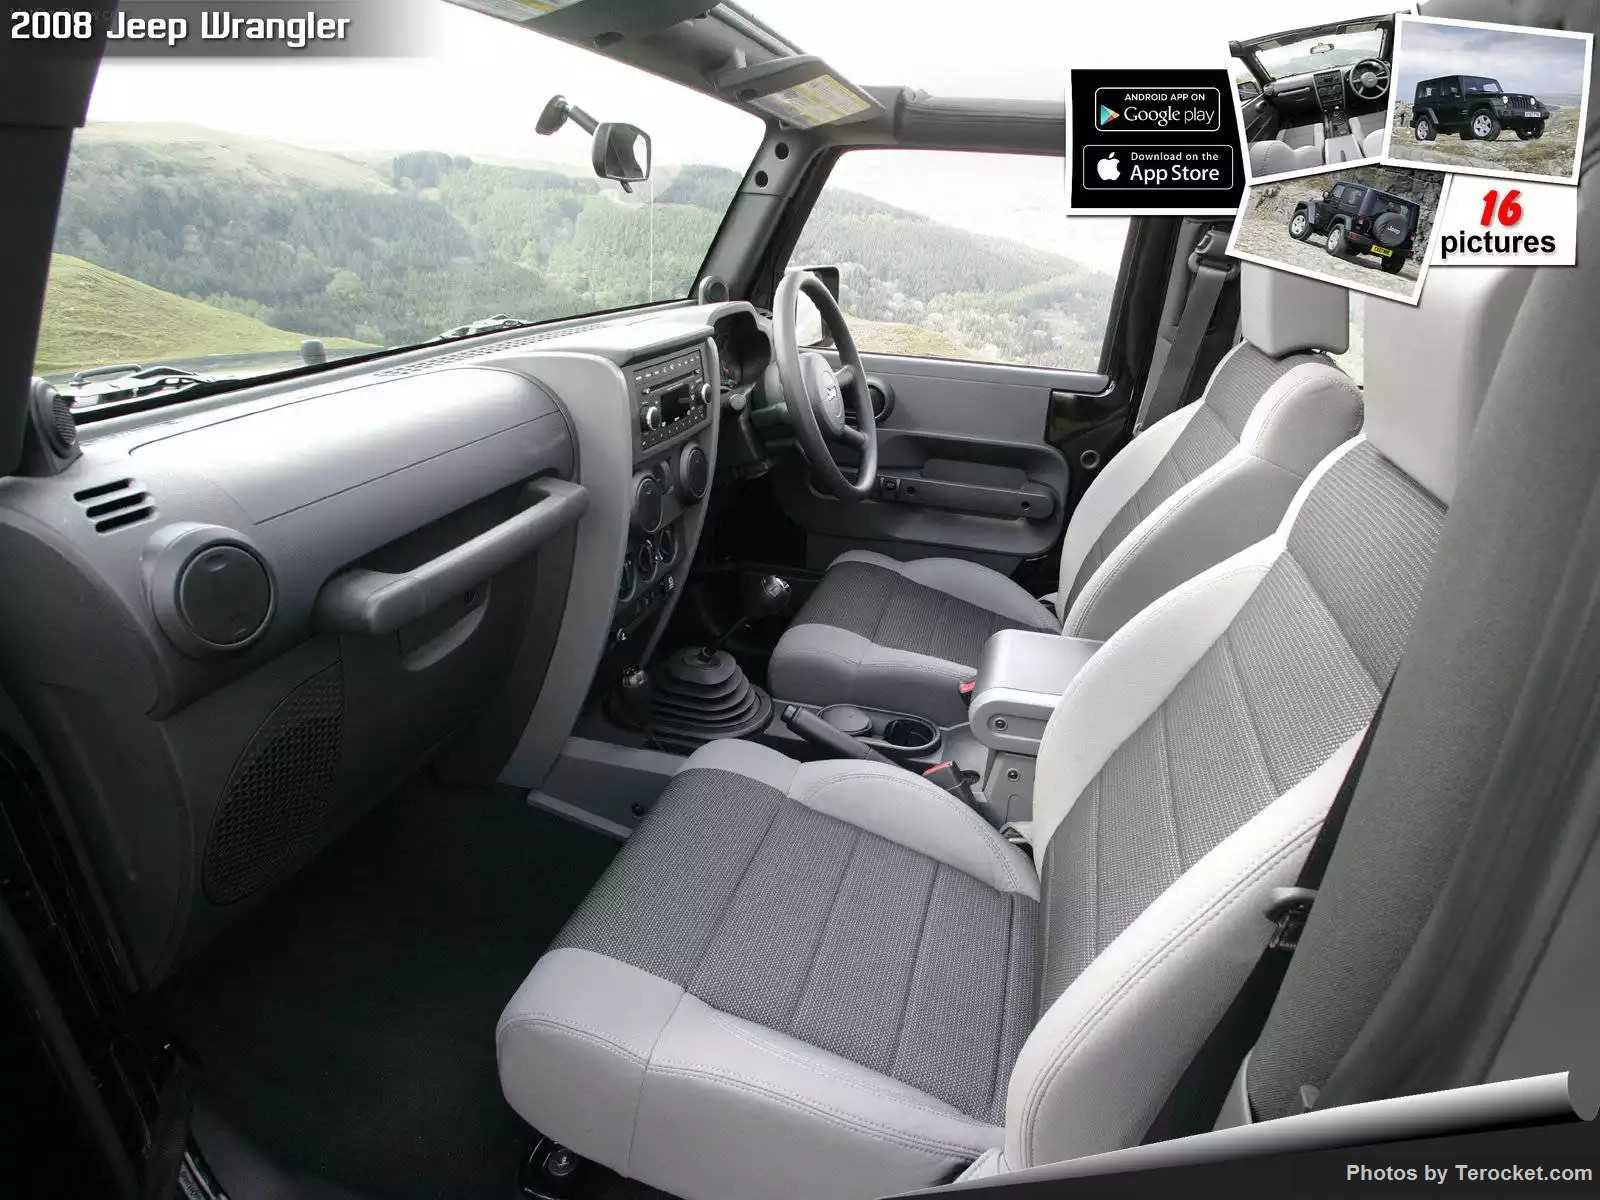 Hình ảnh xe ô tô Jeep Wrangler UK Version 2008 & nội ngoại thất